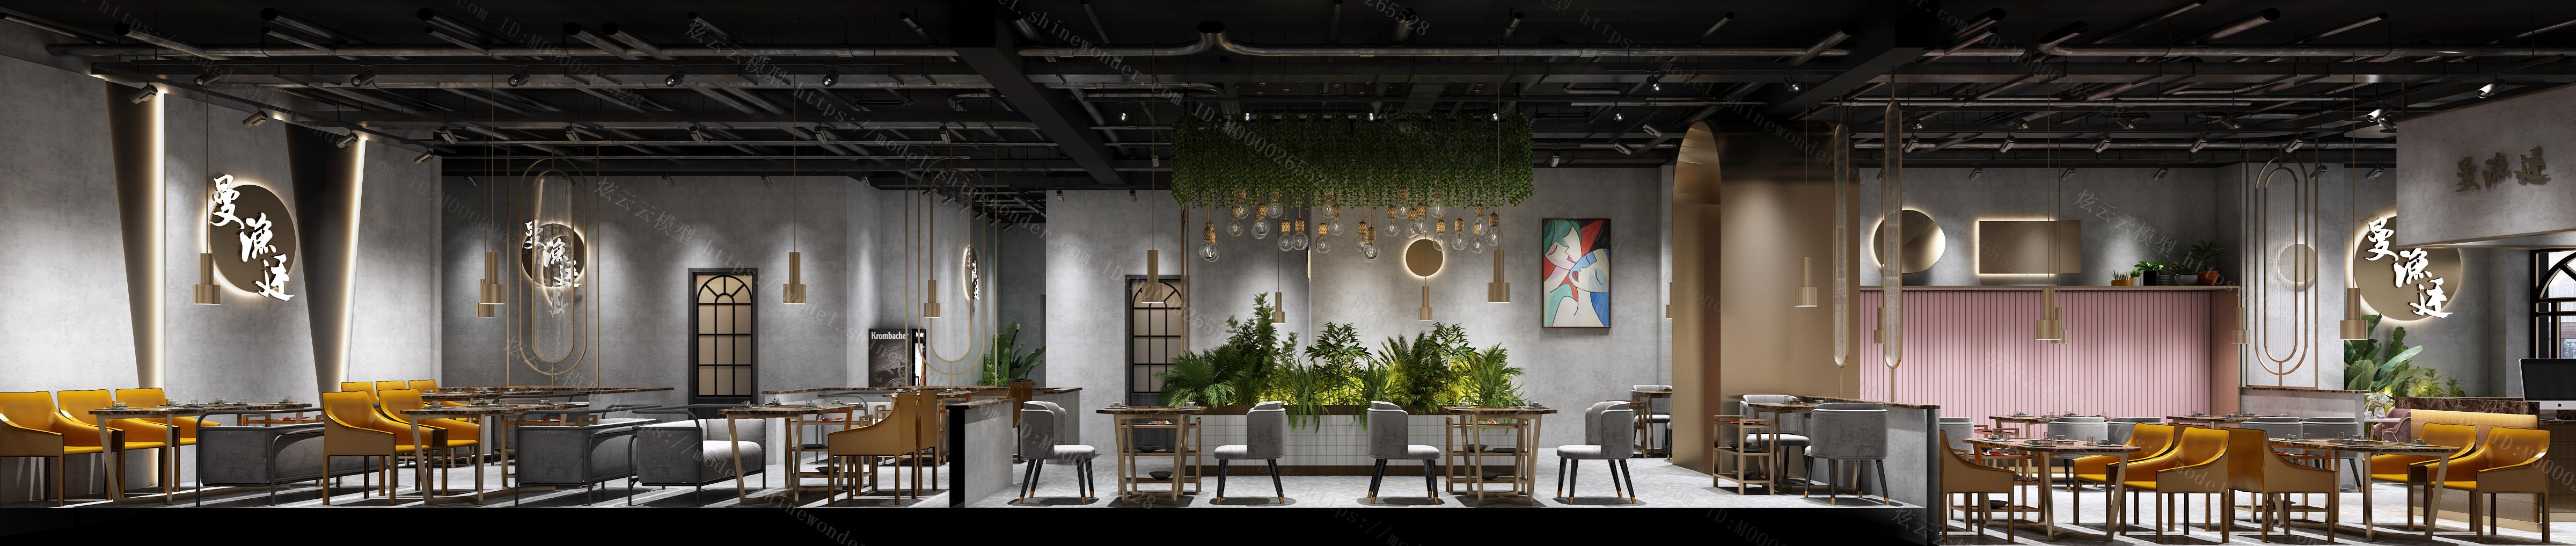 现代轻奢餐厅模型